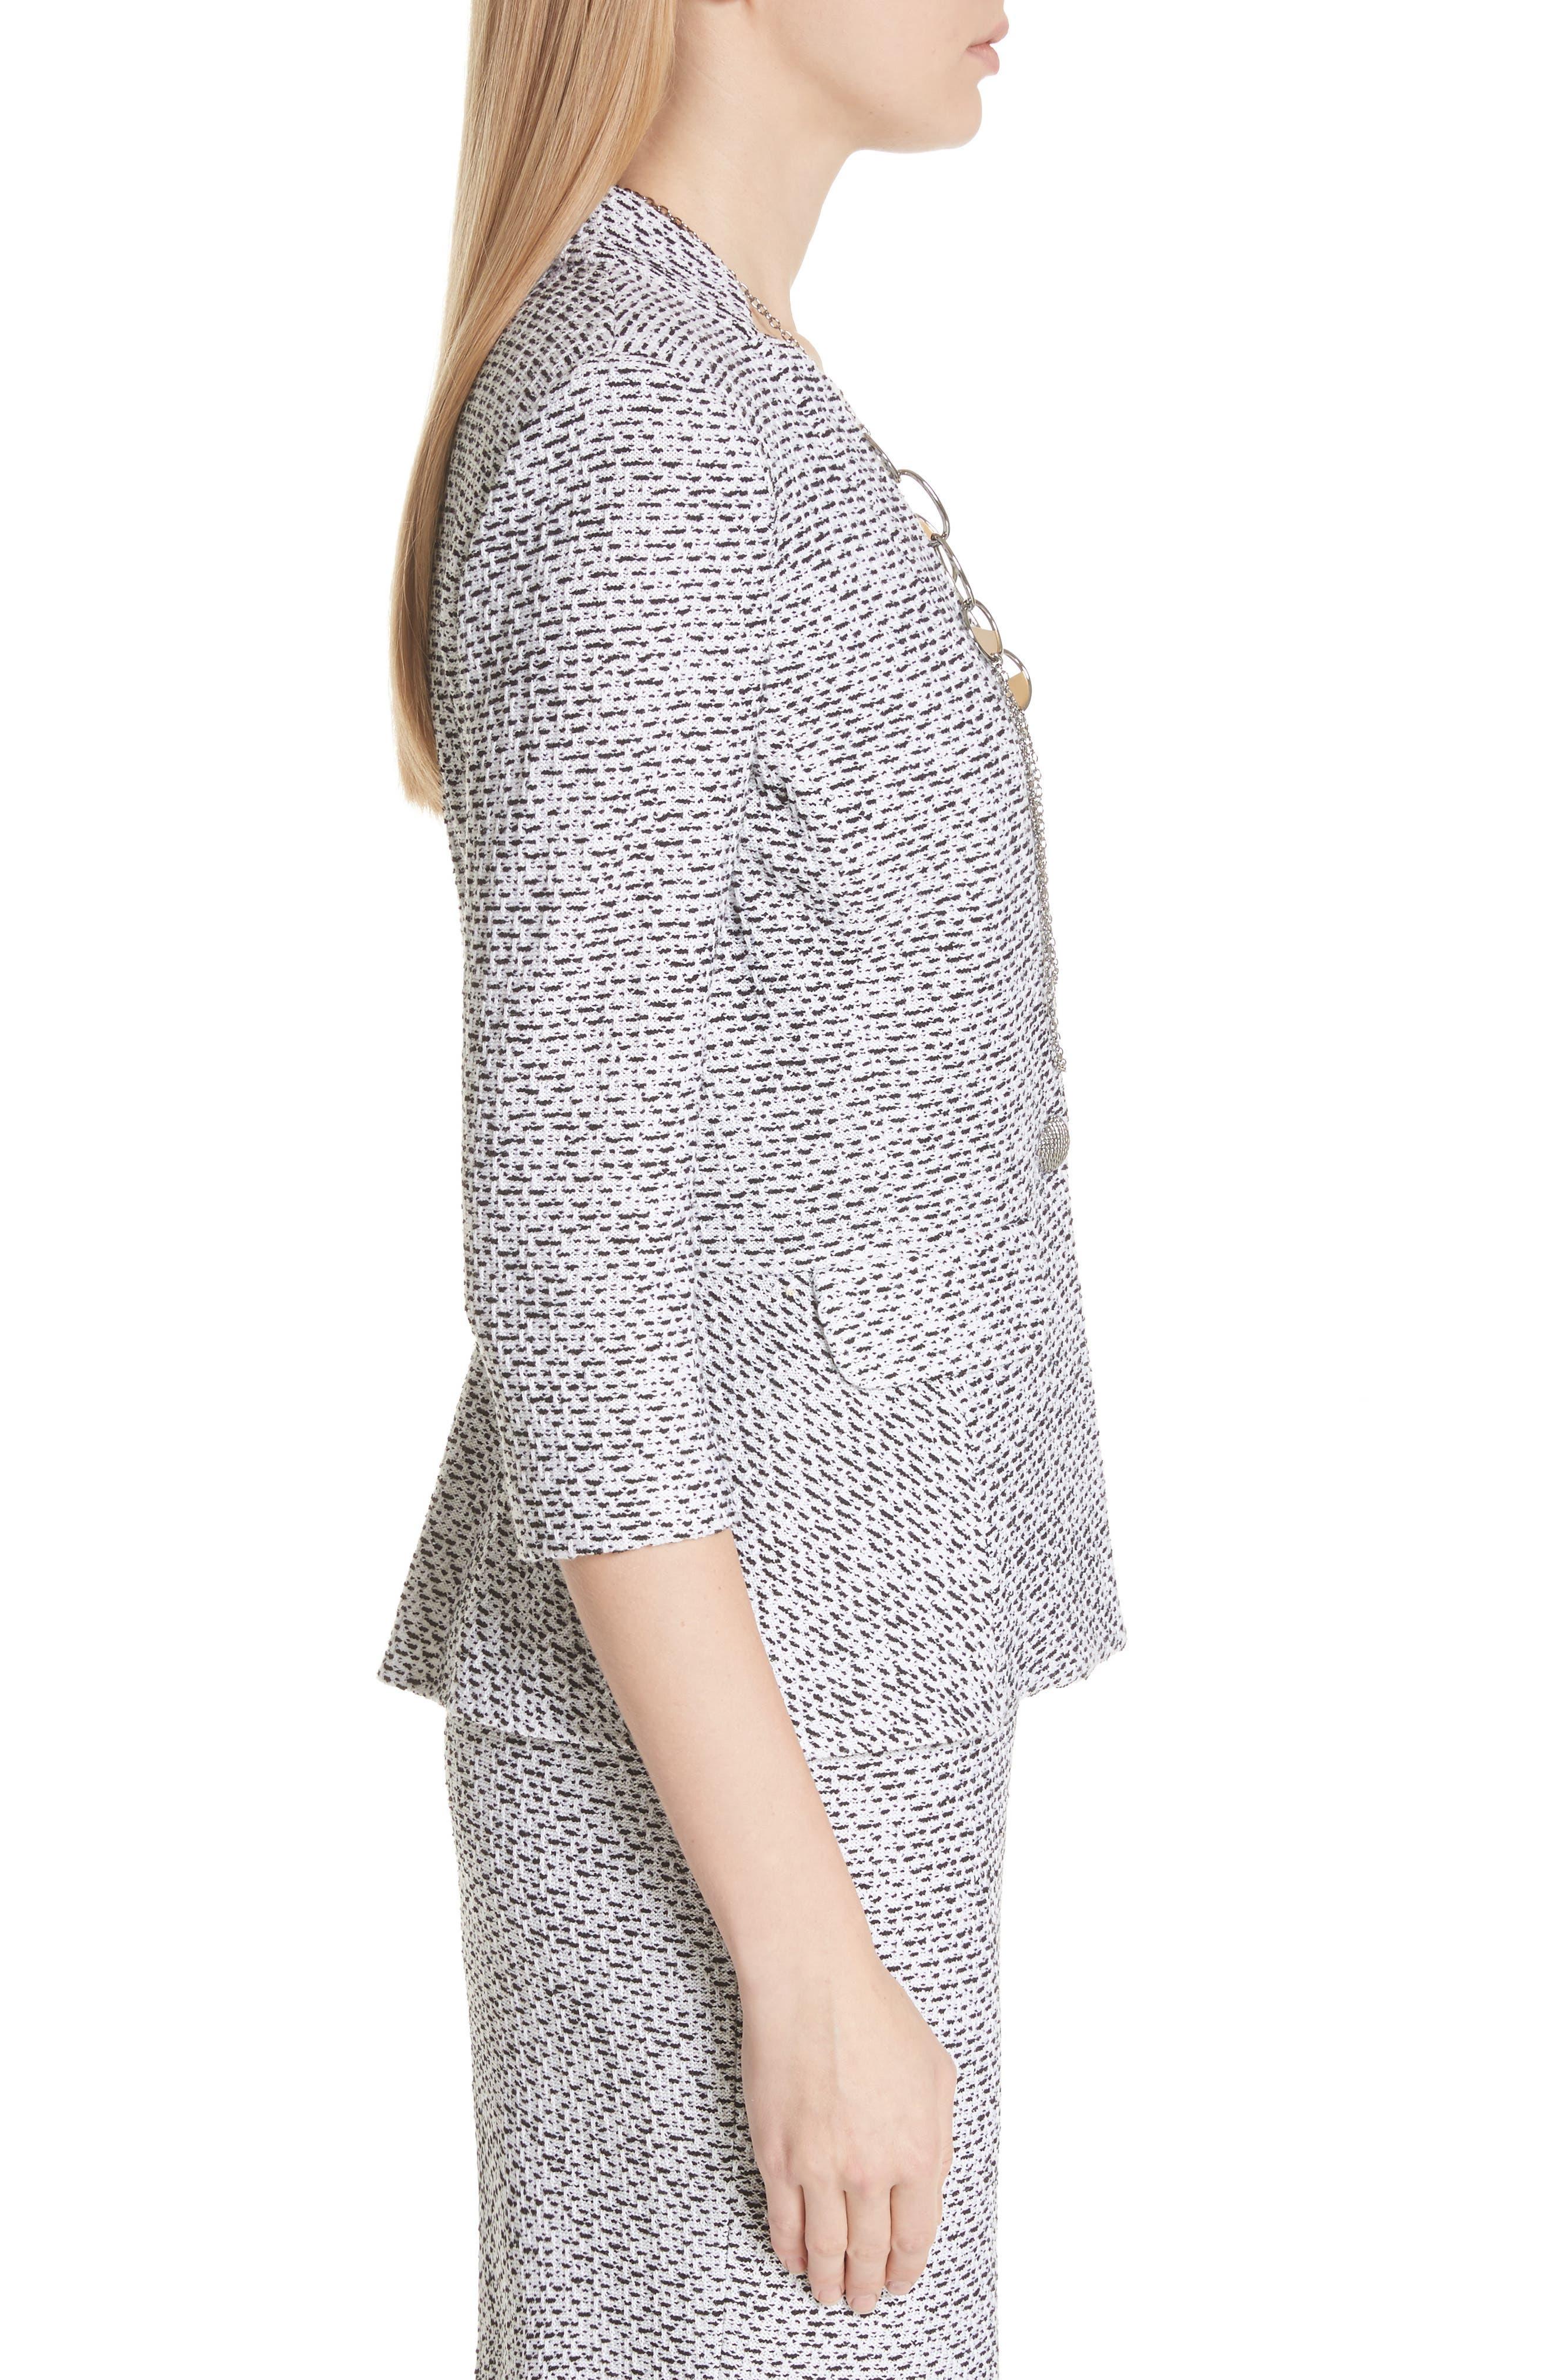 Olivia Bouclé Knit Jacket,                             Alternate thumbnail 3, color,                             WHITE/ CAVIAR